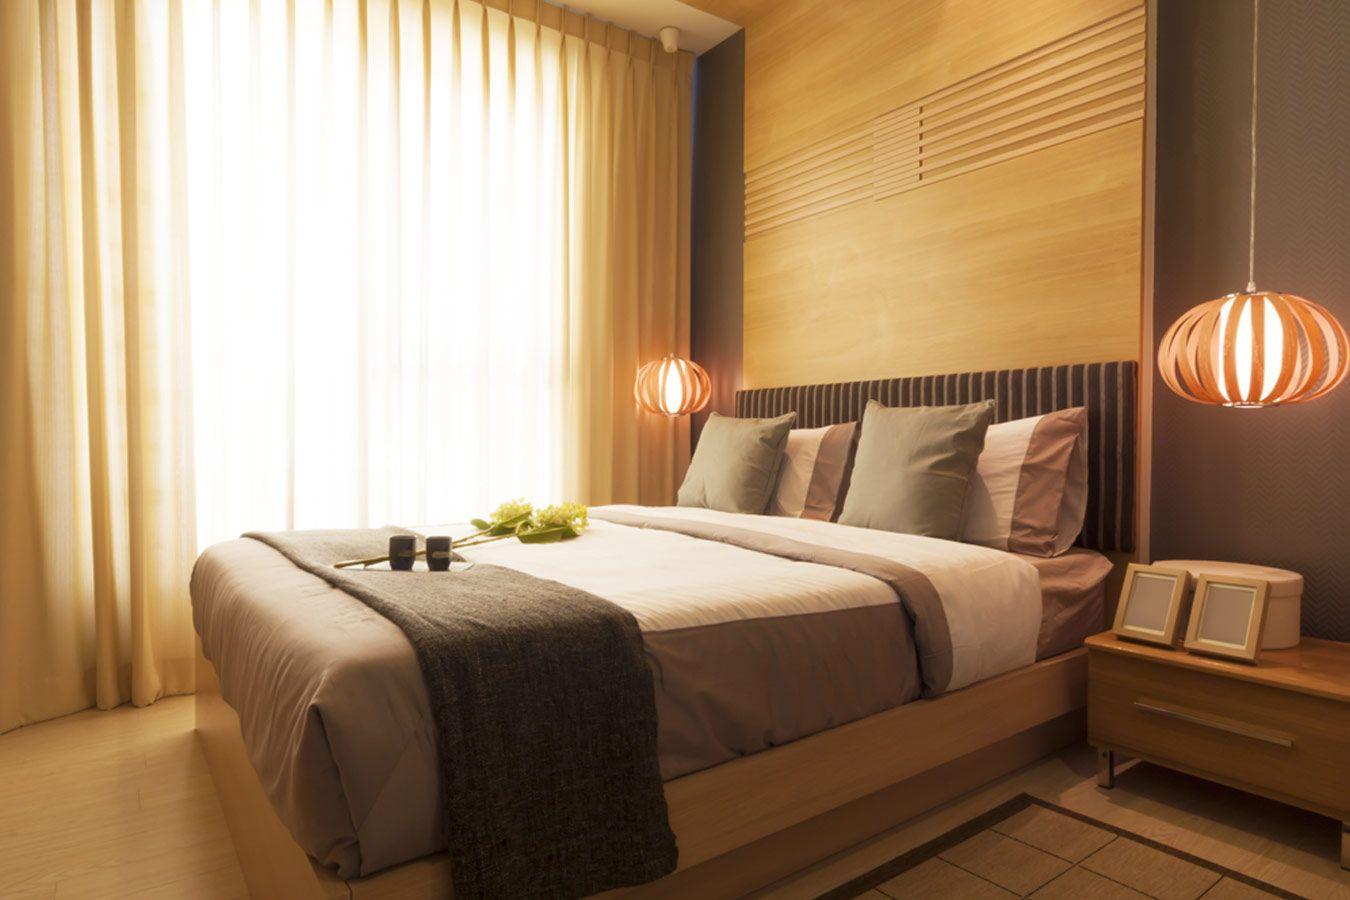 Design Hanglamp Slaapkamer : Landelijke slaapkamer met houten hanglampen sleep well